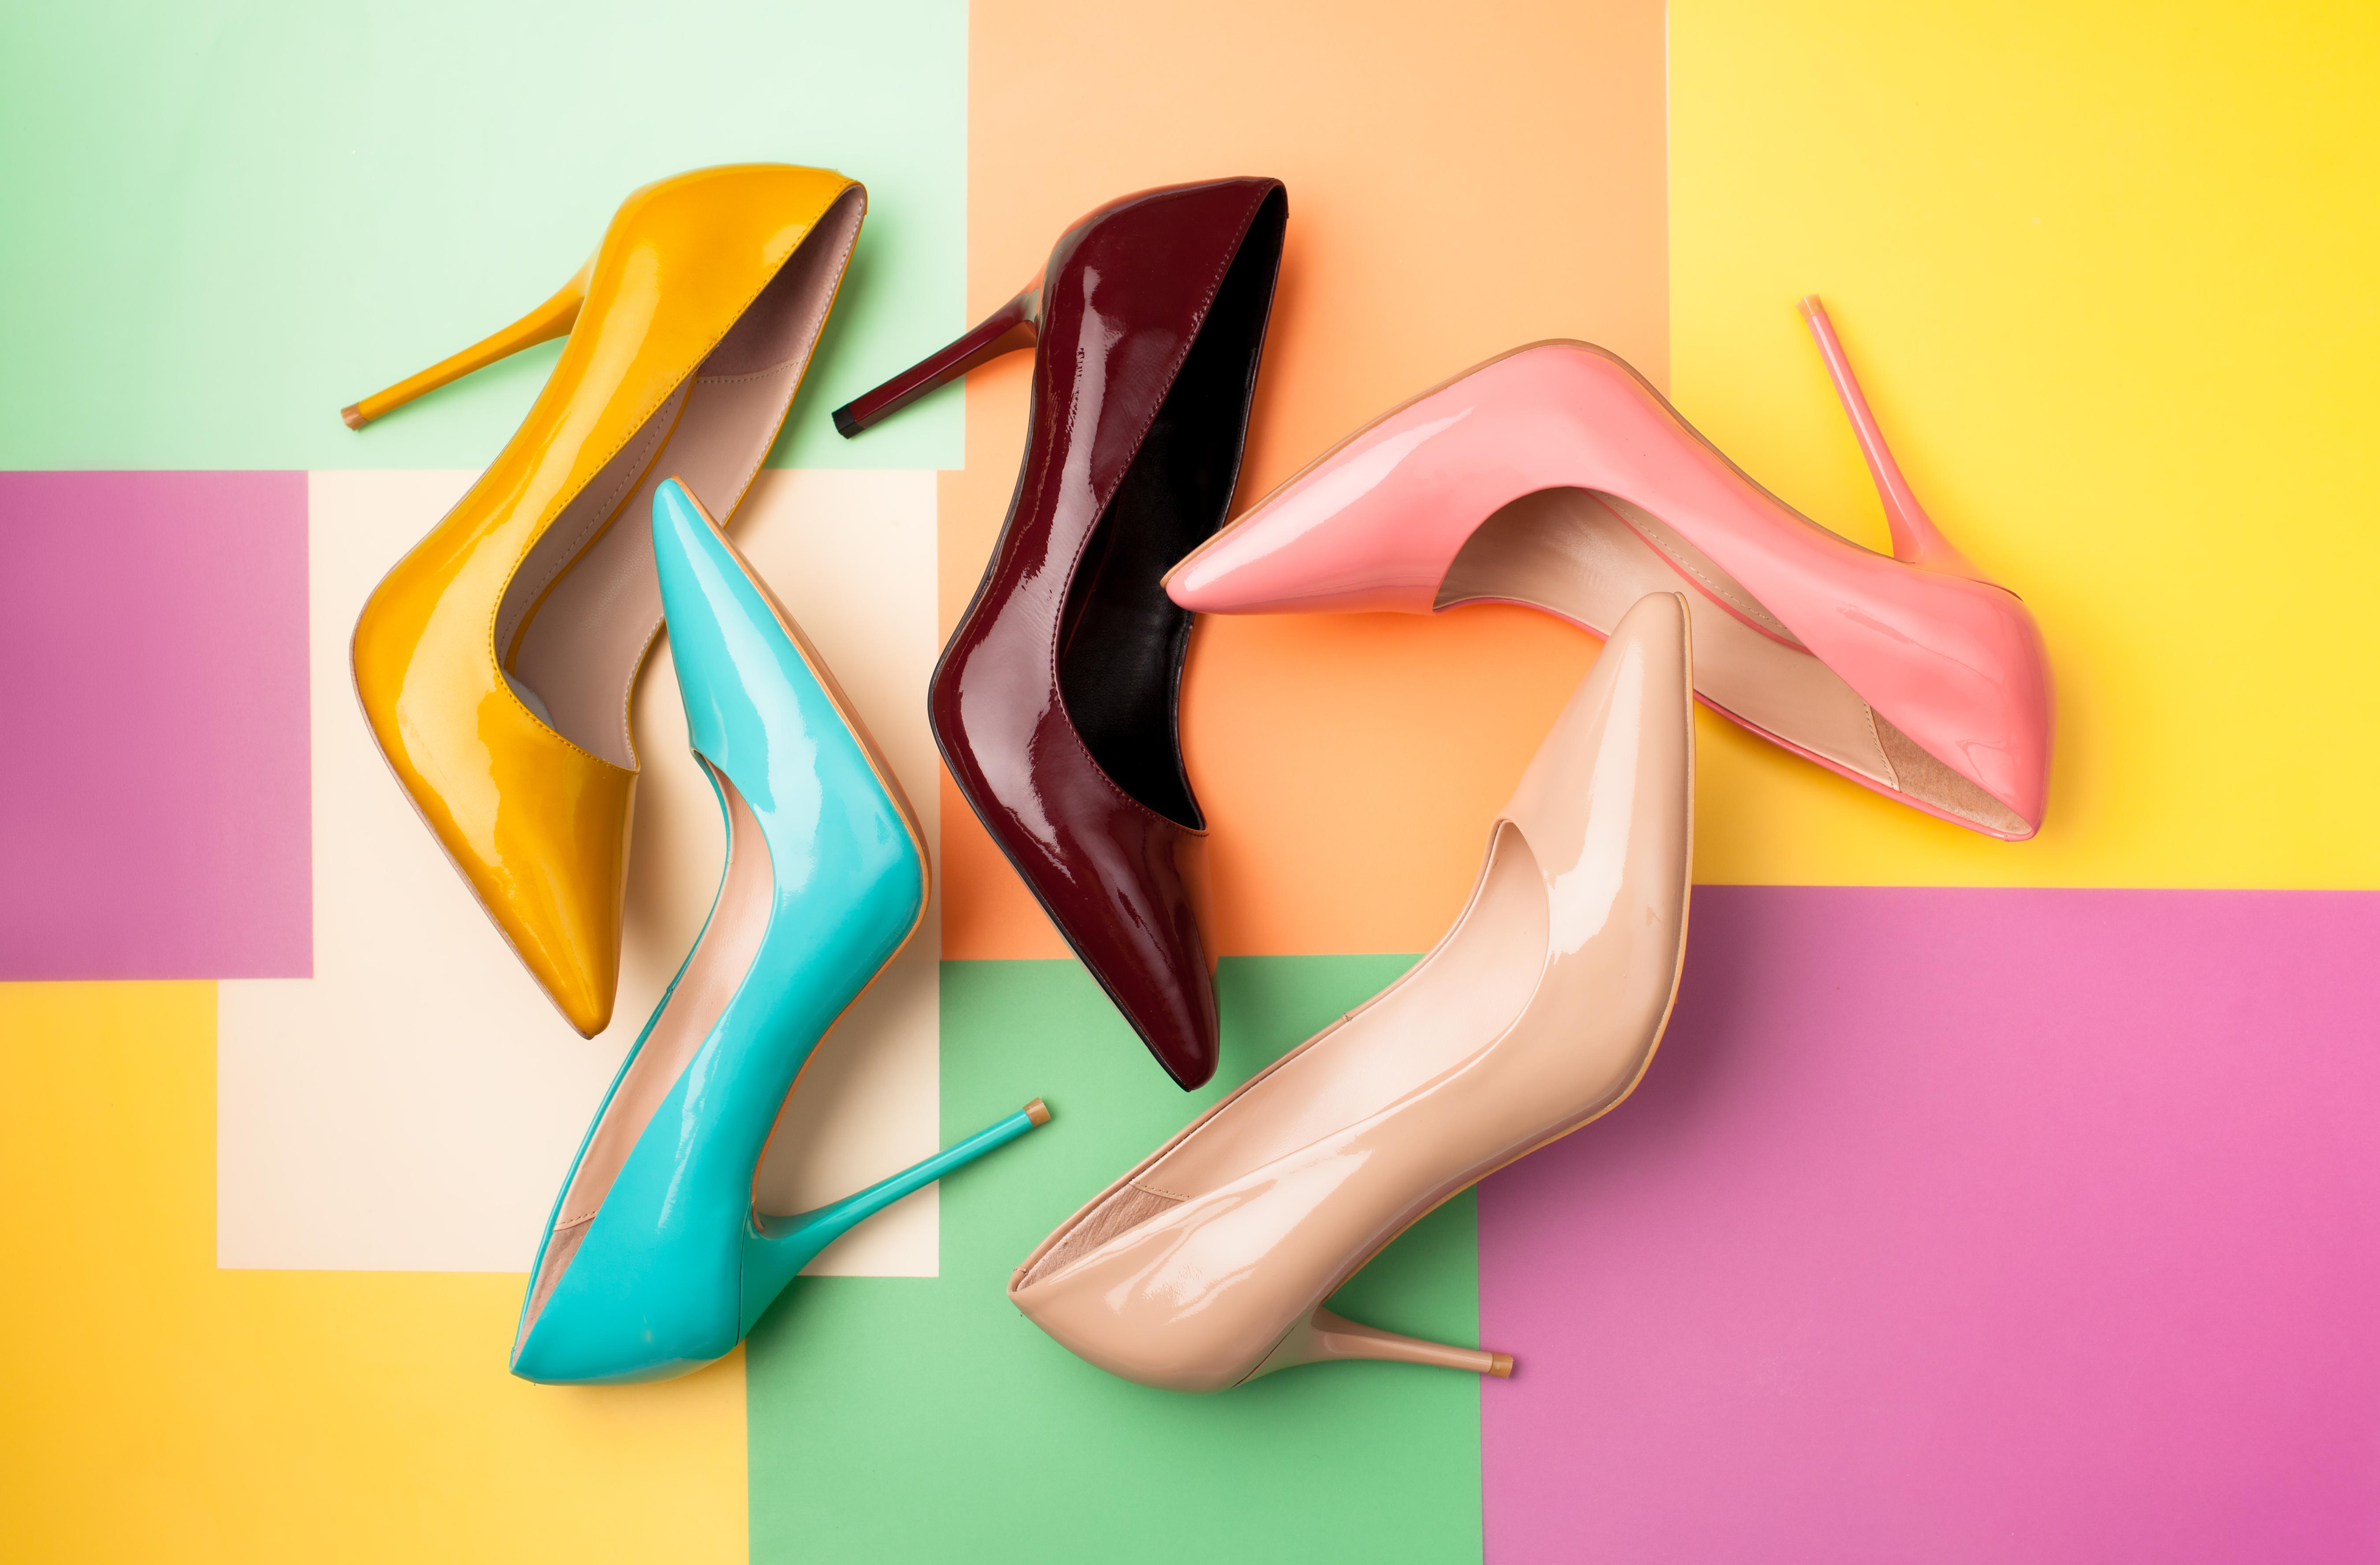 <div>Поръсете бебешка пудра в обувктие ви, за да абсорбира неприятната миризма. Освен това можете да разтриете малко количество и върху стъпалата си, за да предотвратите неприятното триене и изпотяване.</div>  <div> <div> <div> <div></div> </div> </div> </div>